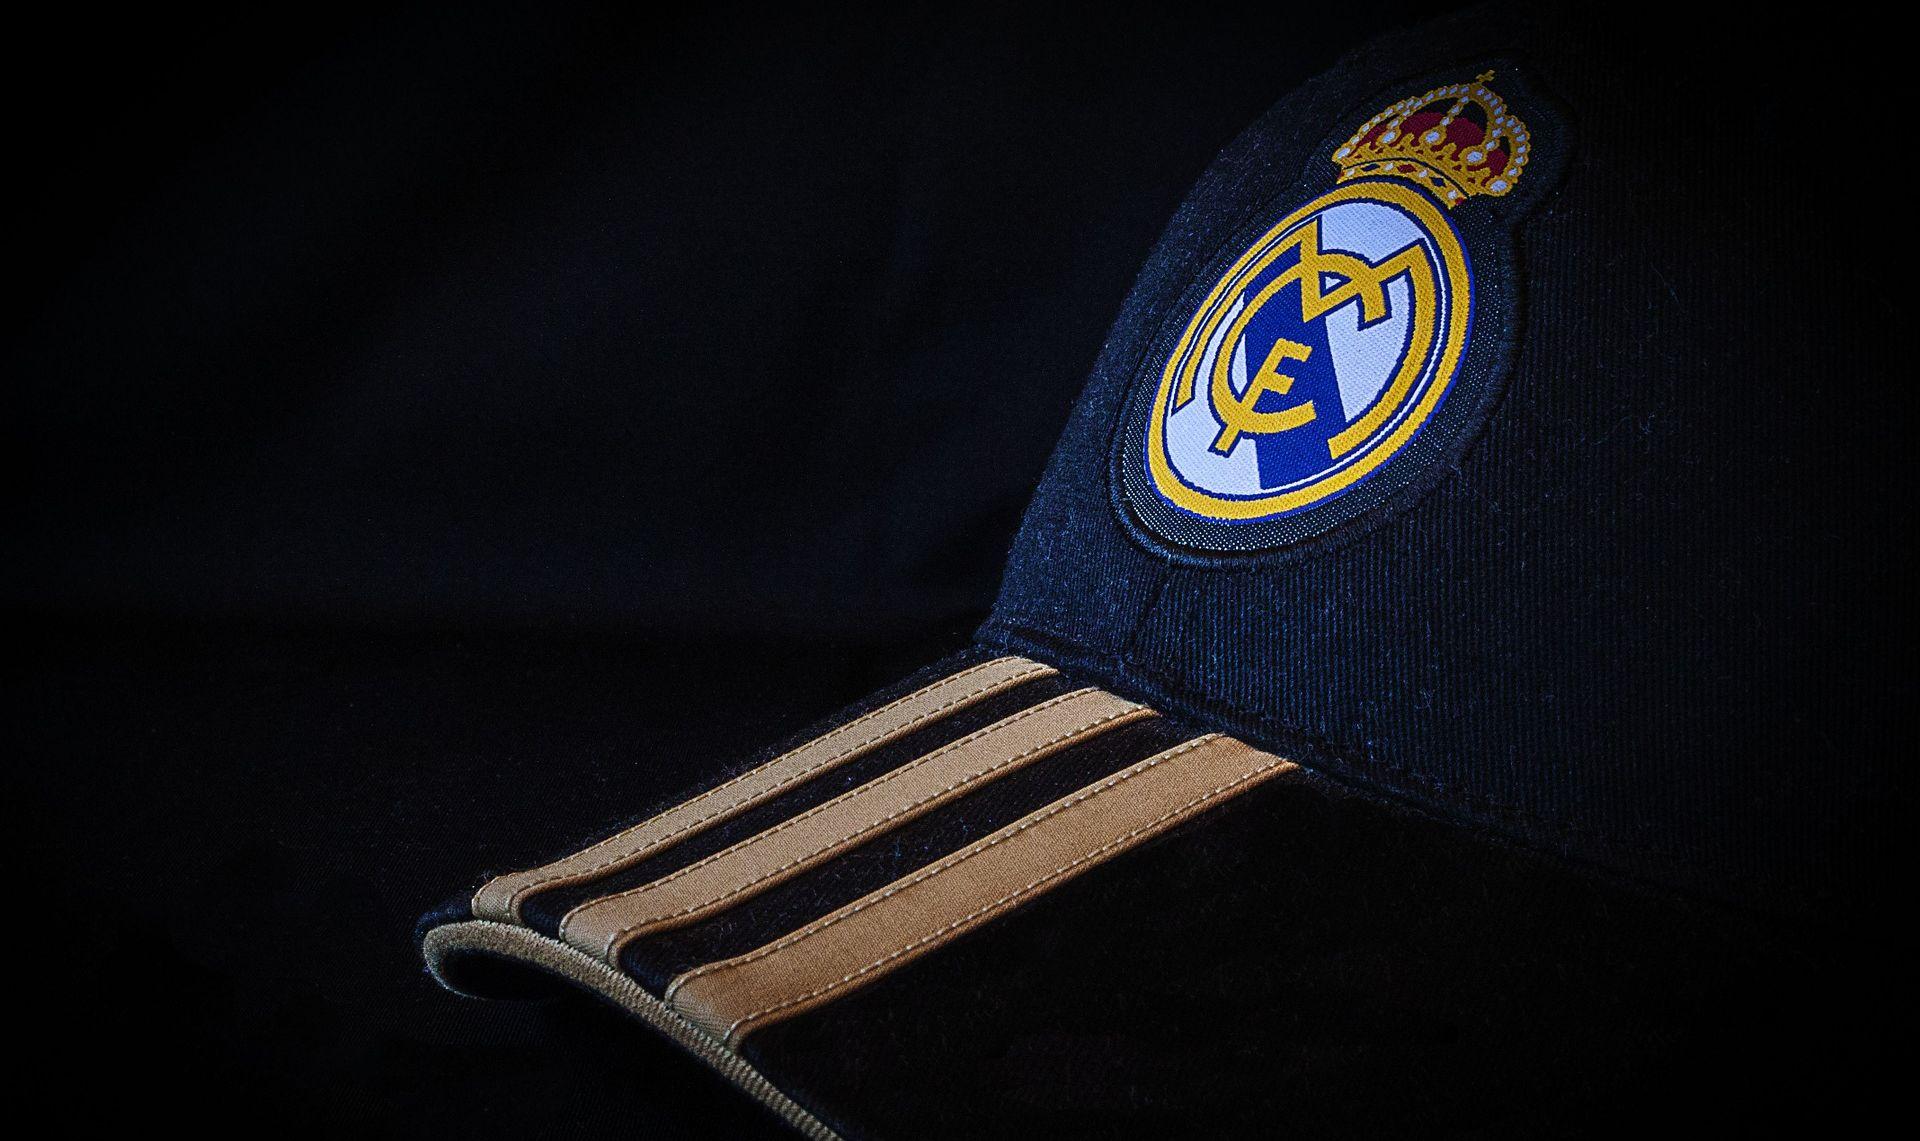 Real Madrid nogometni klub s najvećim prihodom na svijetu